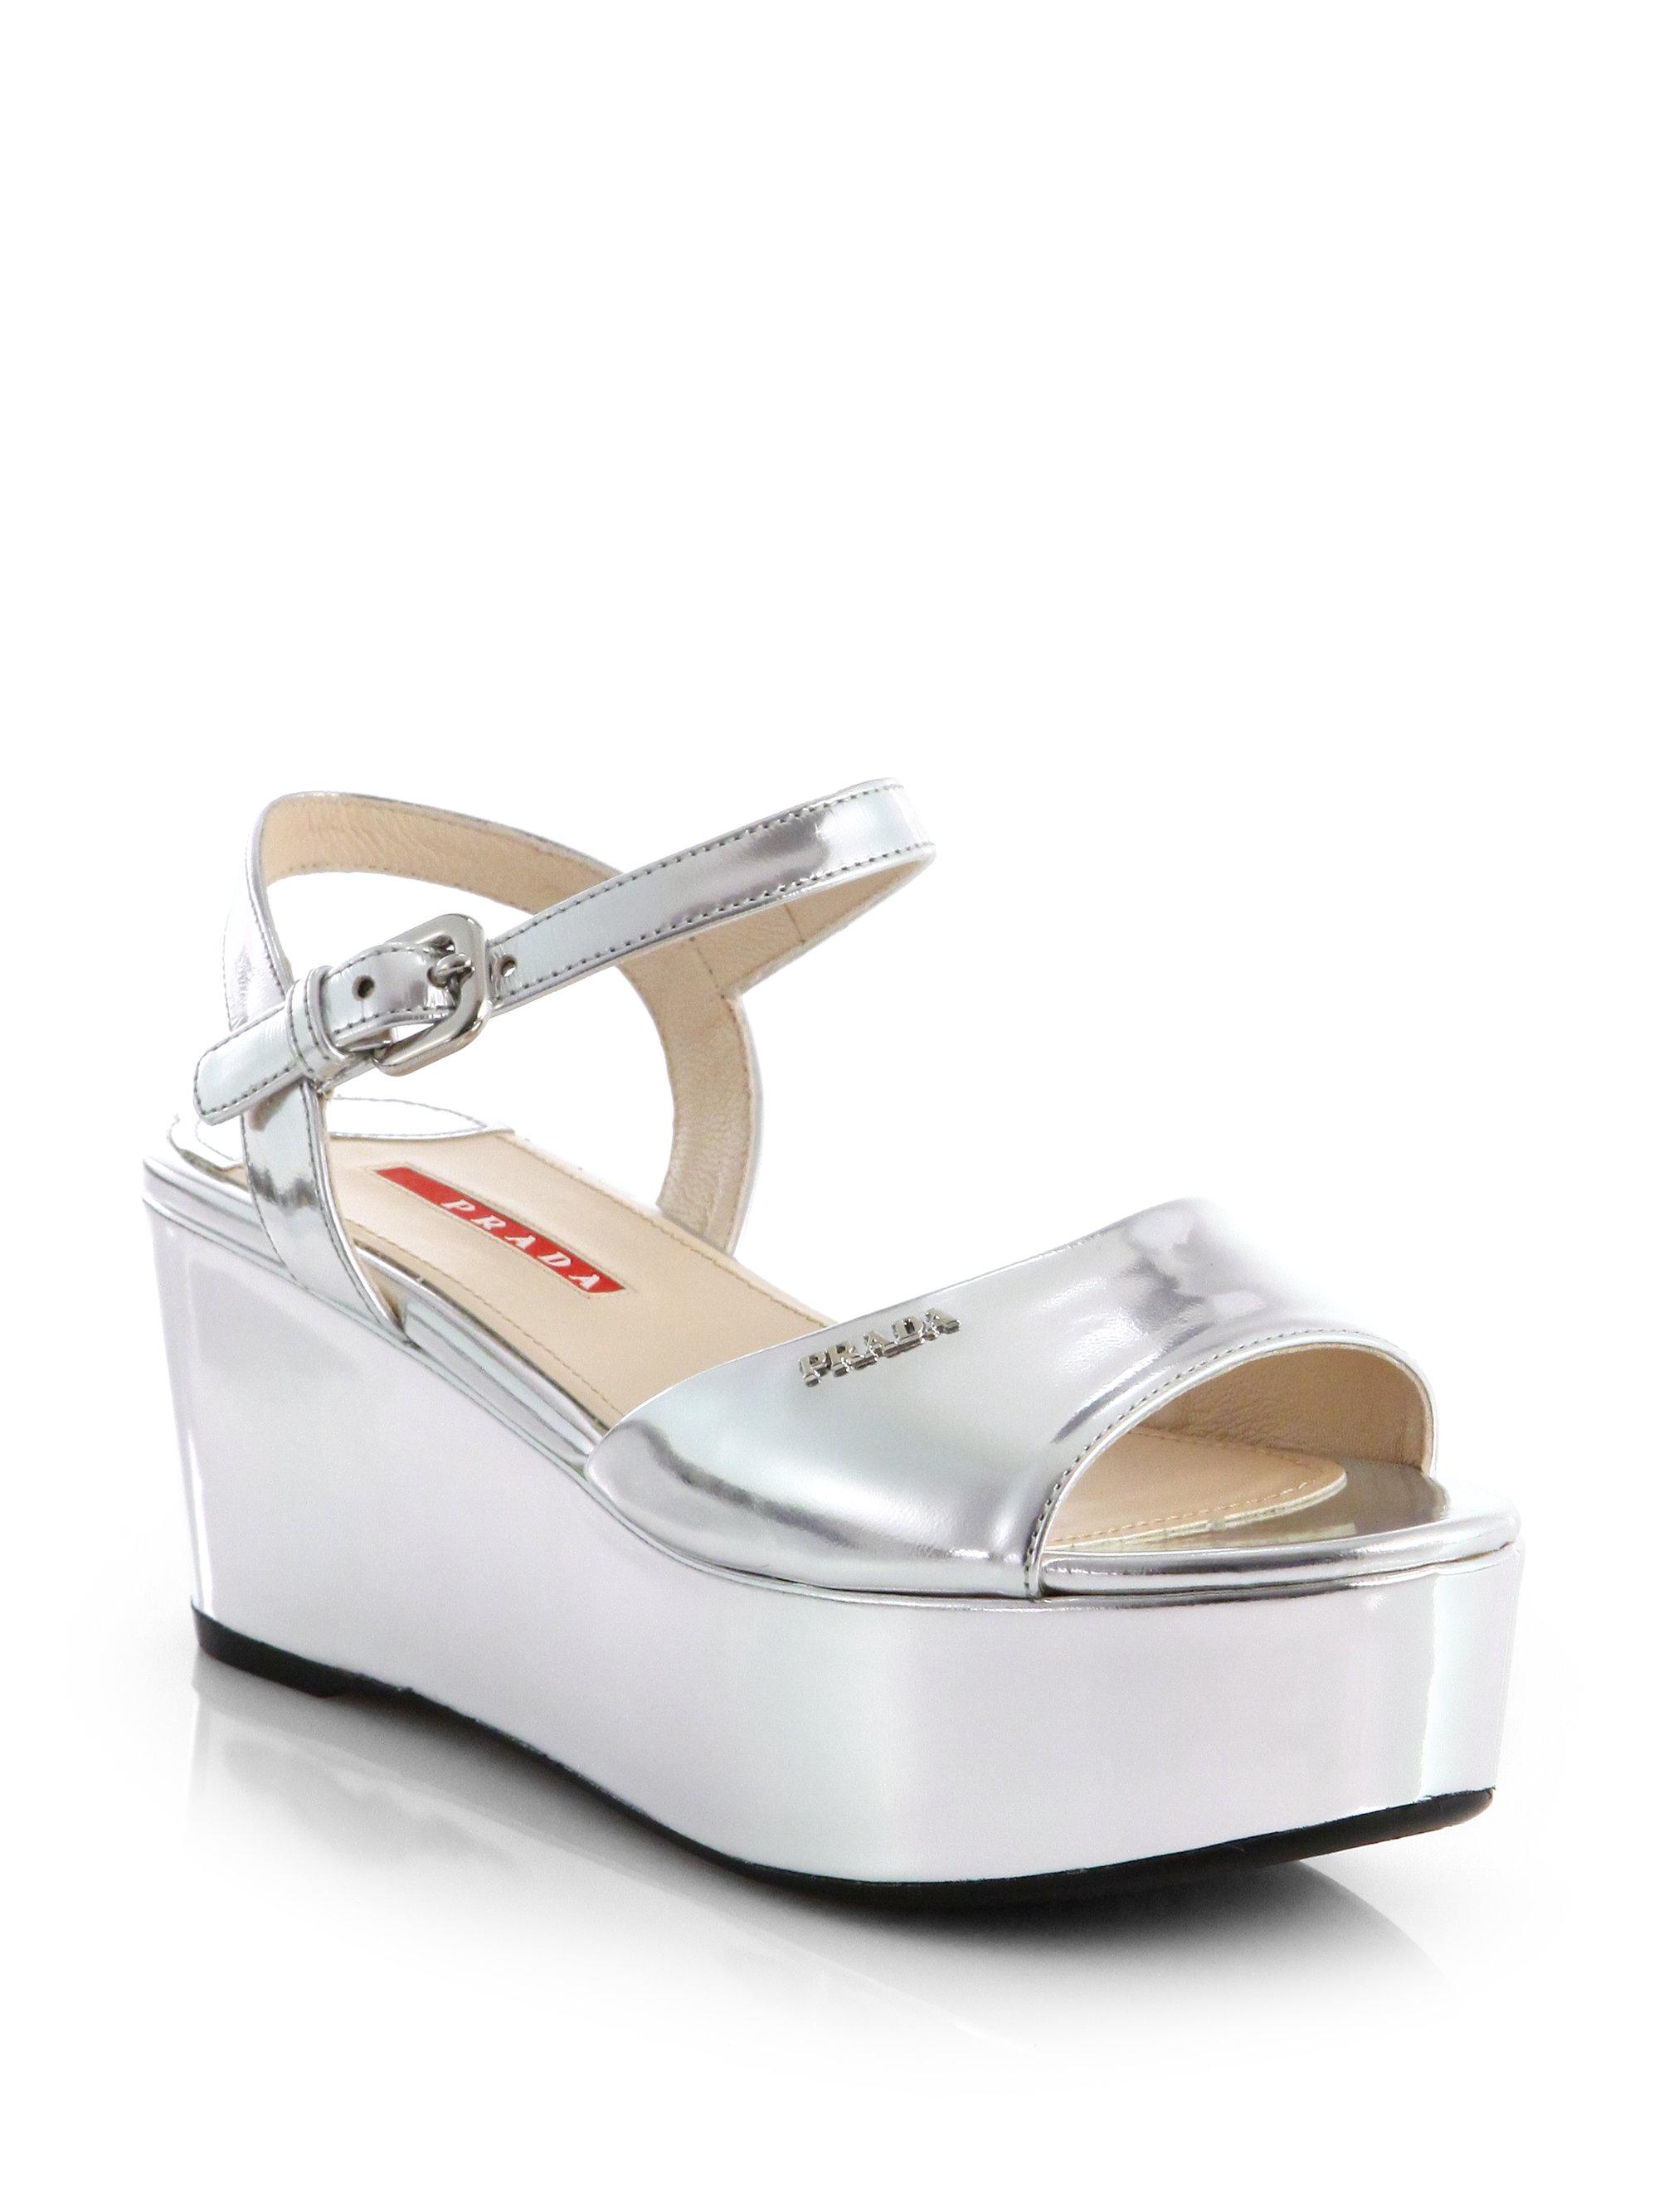 ca06ccec5f1c Lyst - Prada Metallic Leather Platform Wedge Sandals in Metallic